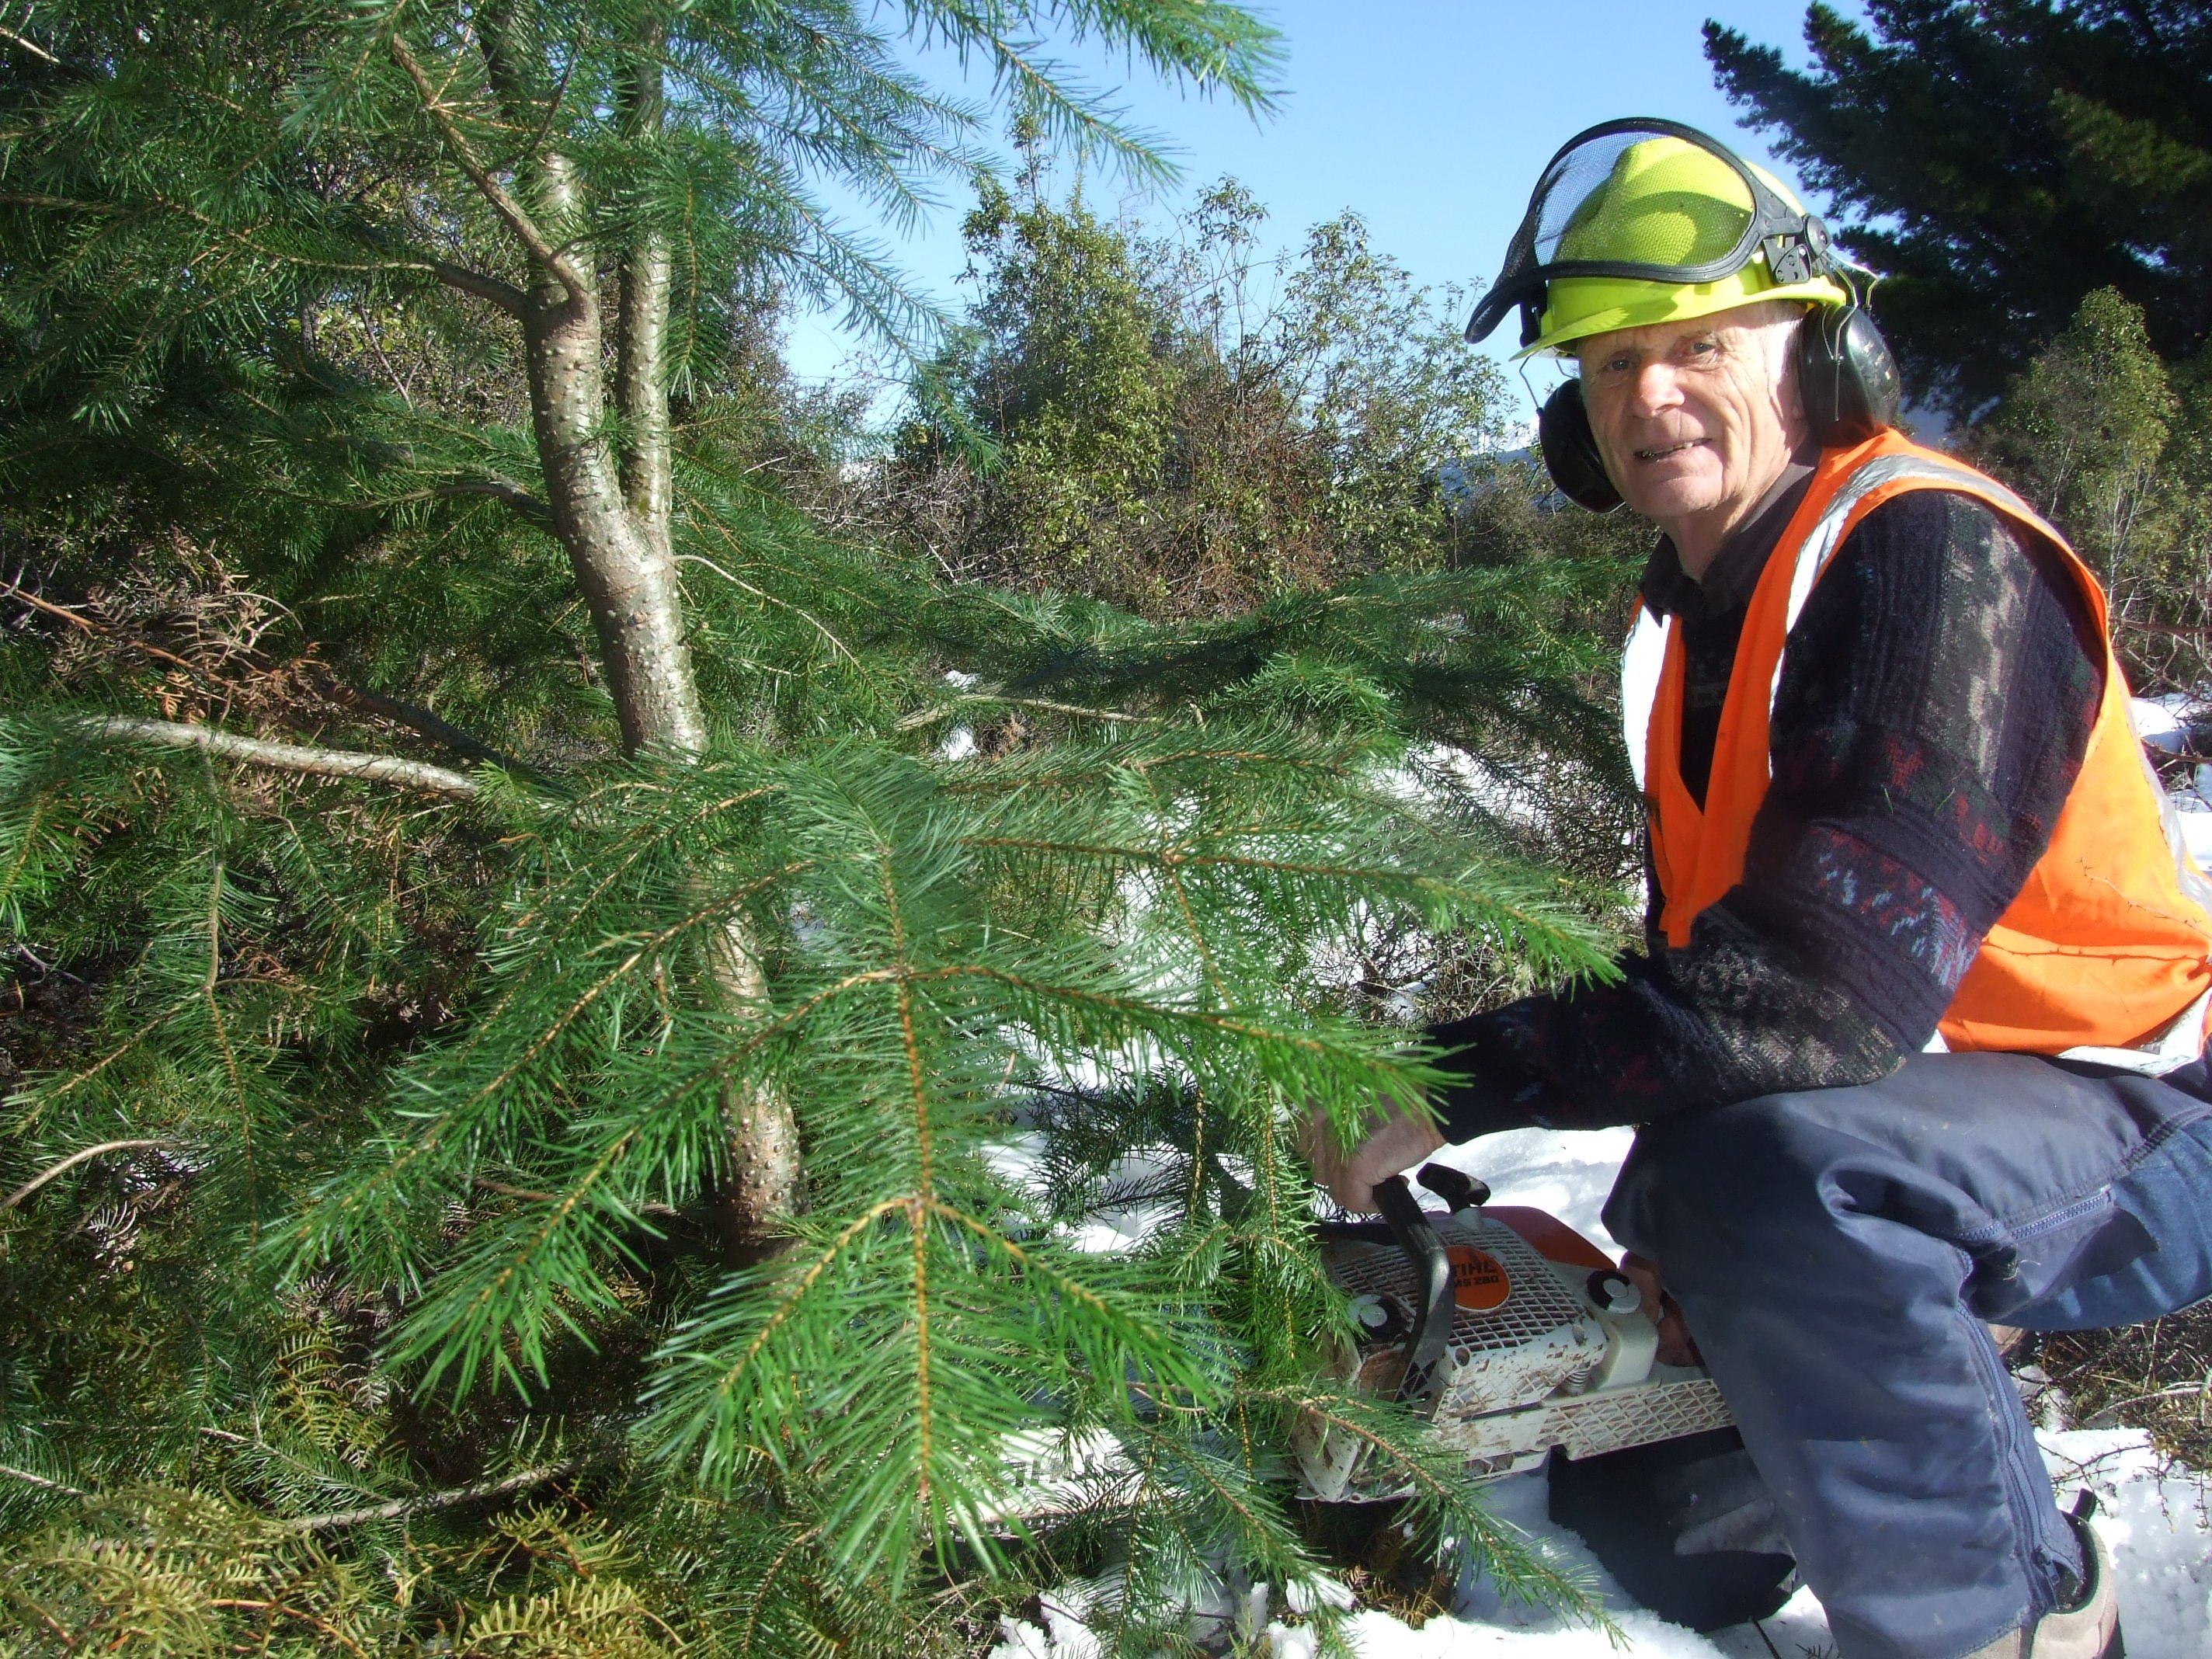 Wilding pines activist Peter Willsman.